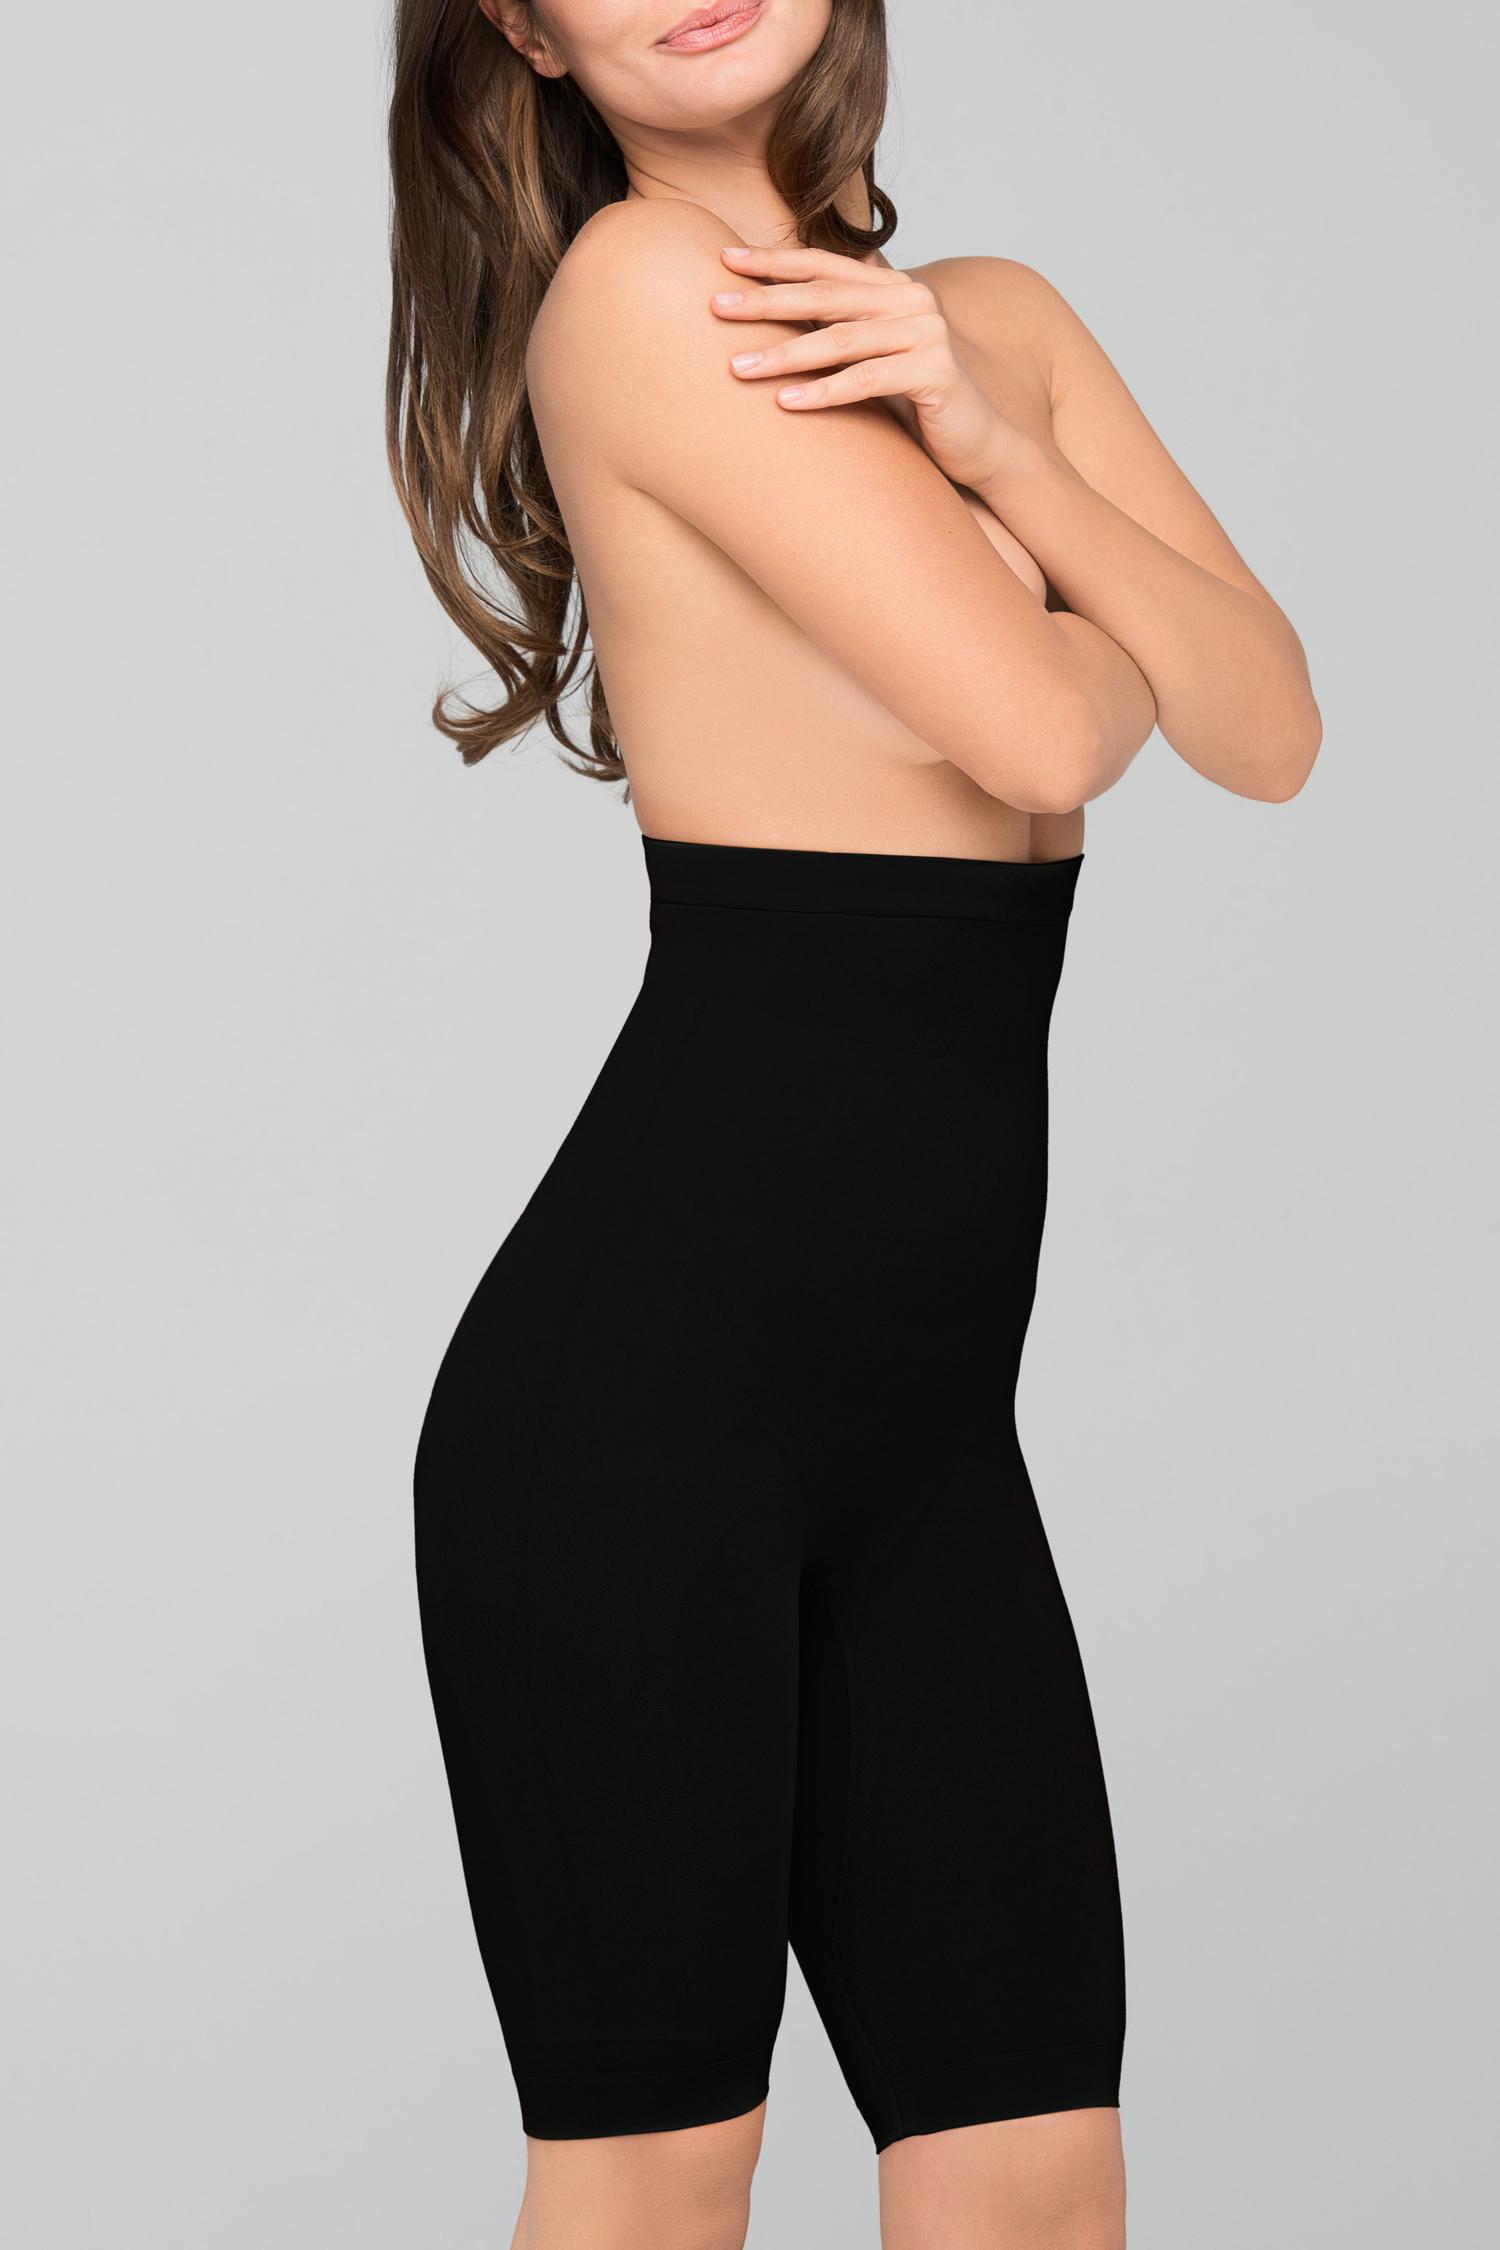 Body Wrap Long-Leg High-Waist Panty Black - S 44821/45821...